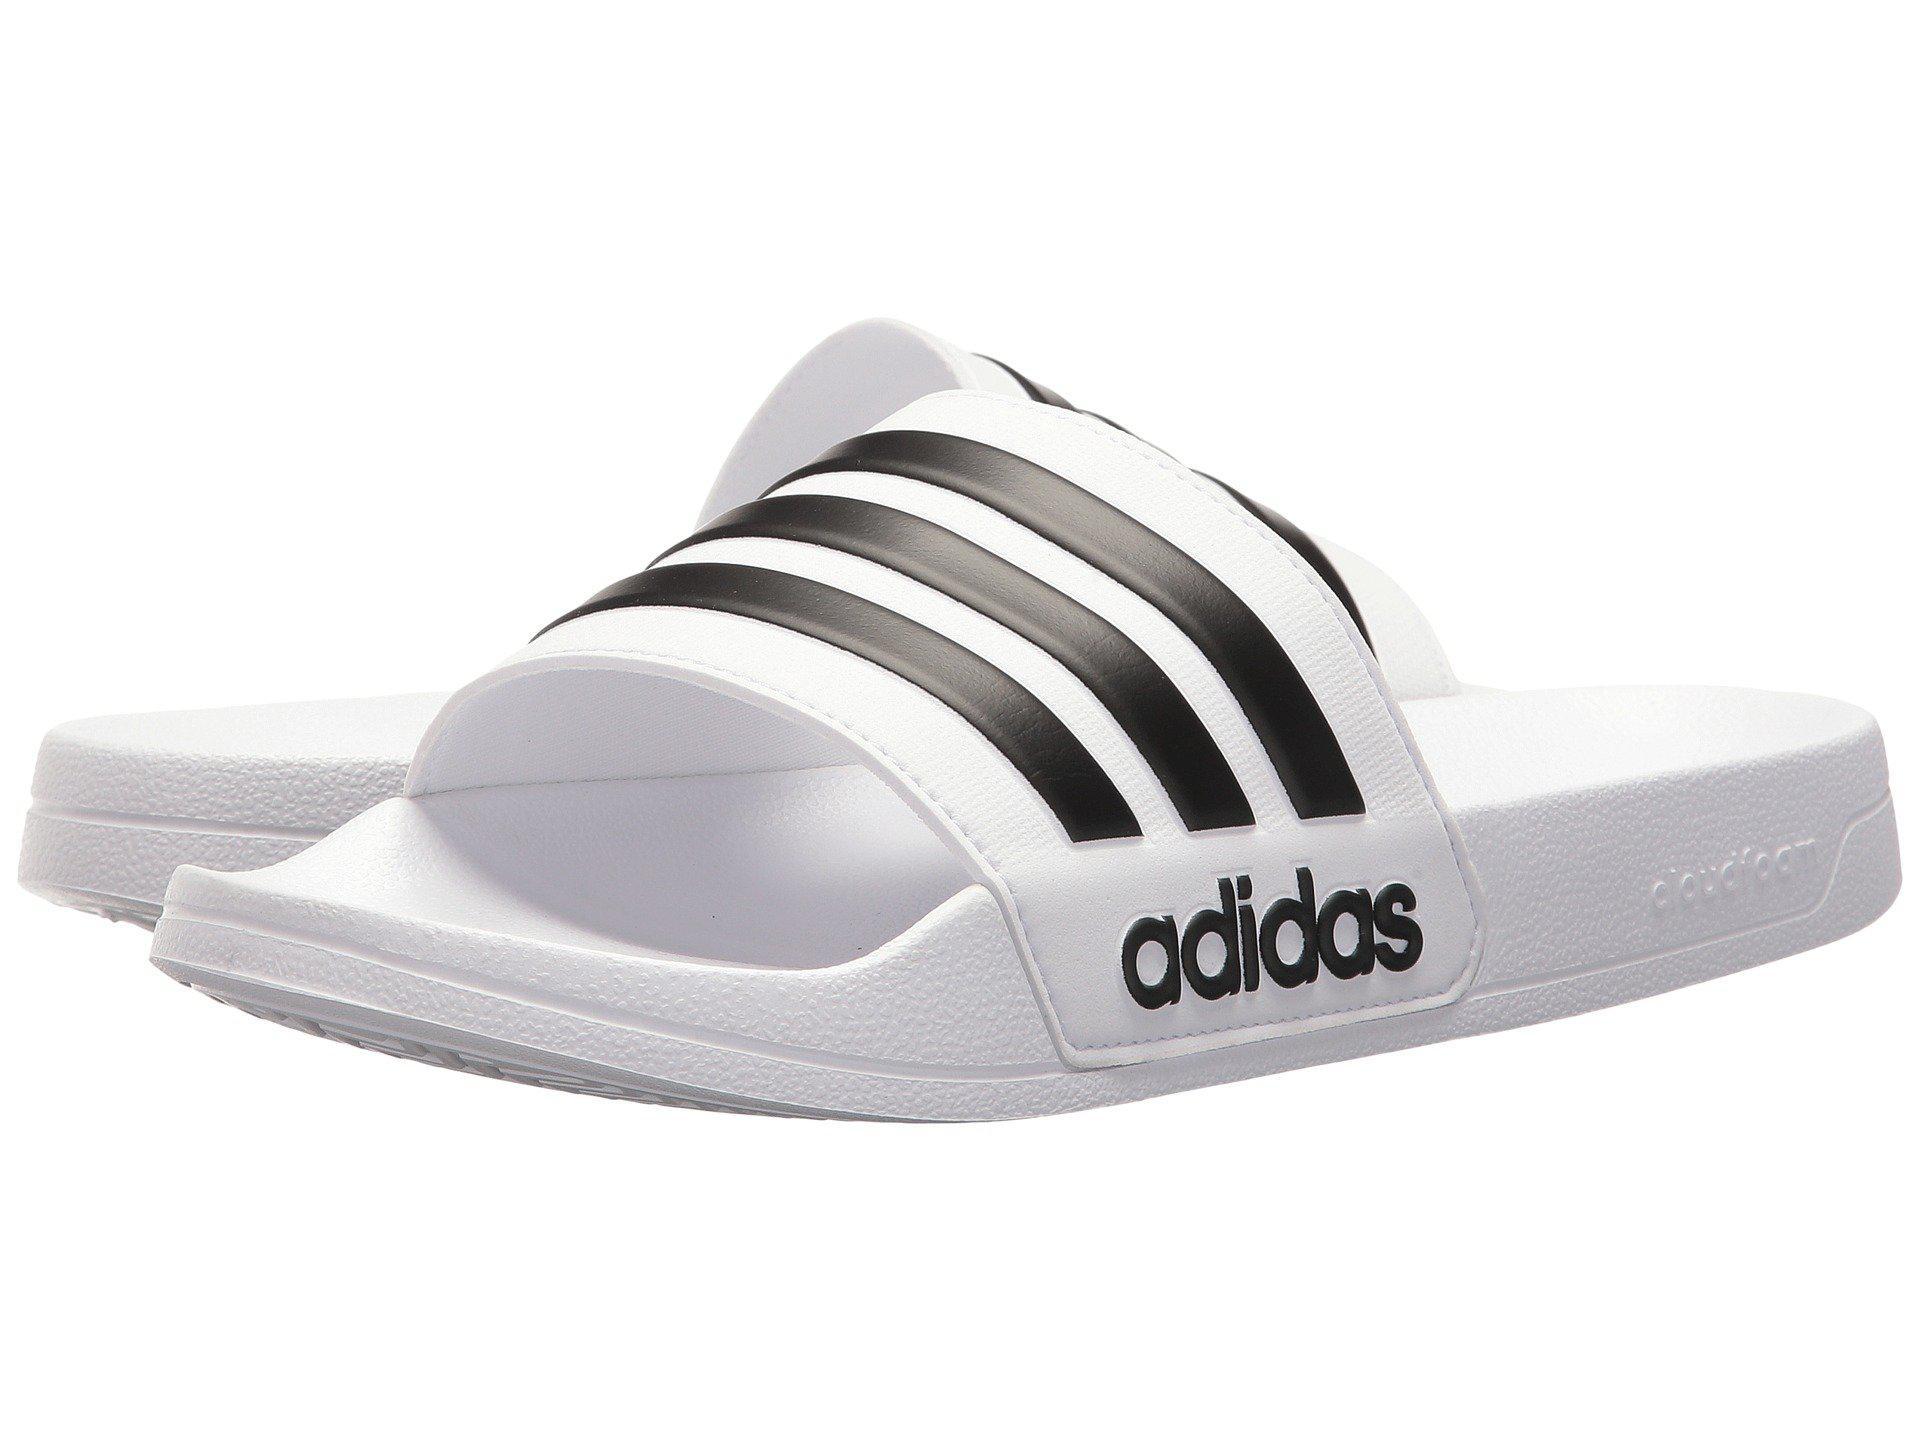 low priced bf732 e2450 Adidas - White Adilette Shower Slide Sandals for Men - Lyst. View fullscreen